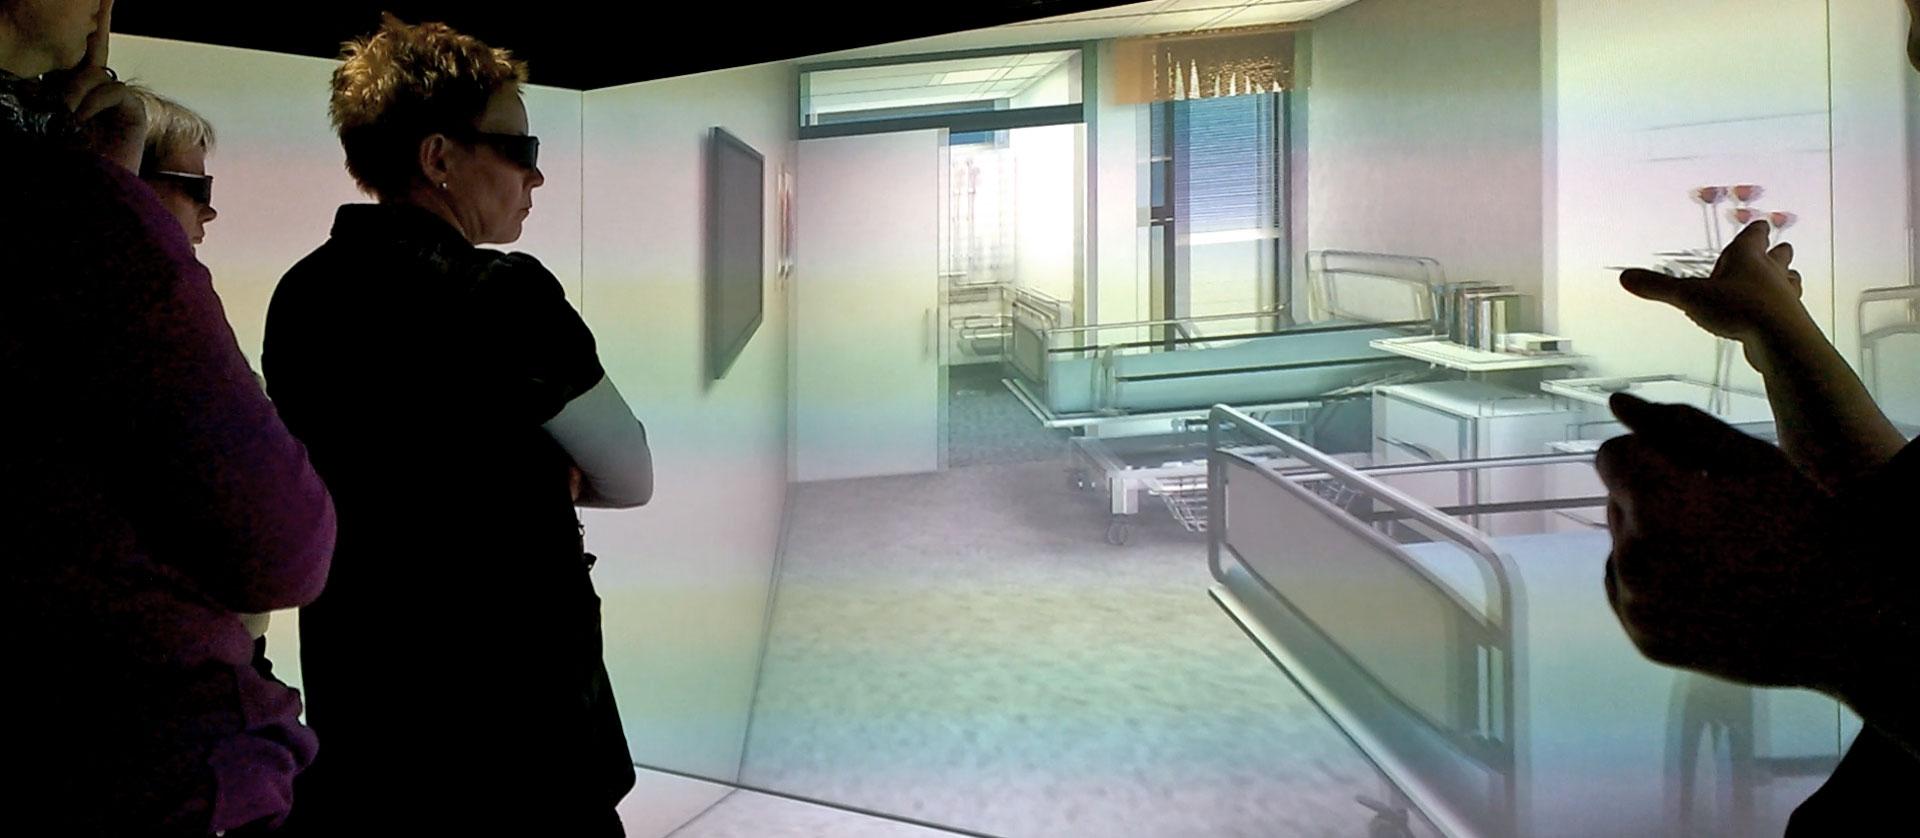 Interaktiivinen VALO-virtuaalisessio käynnissä.